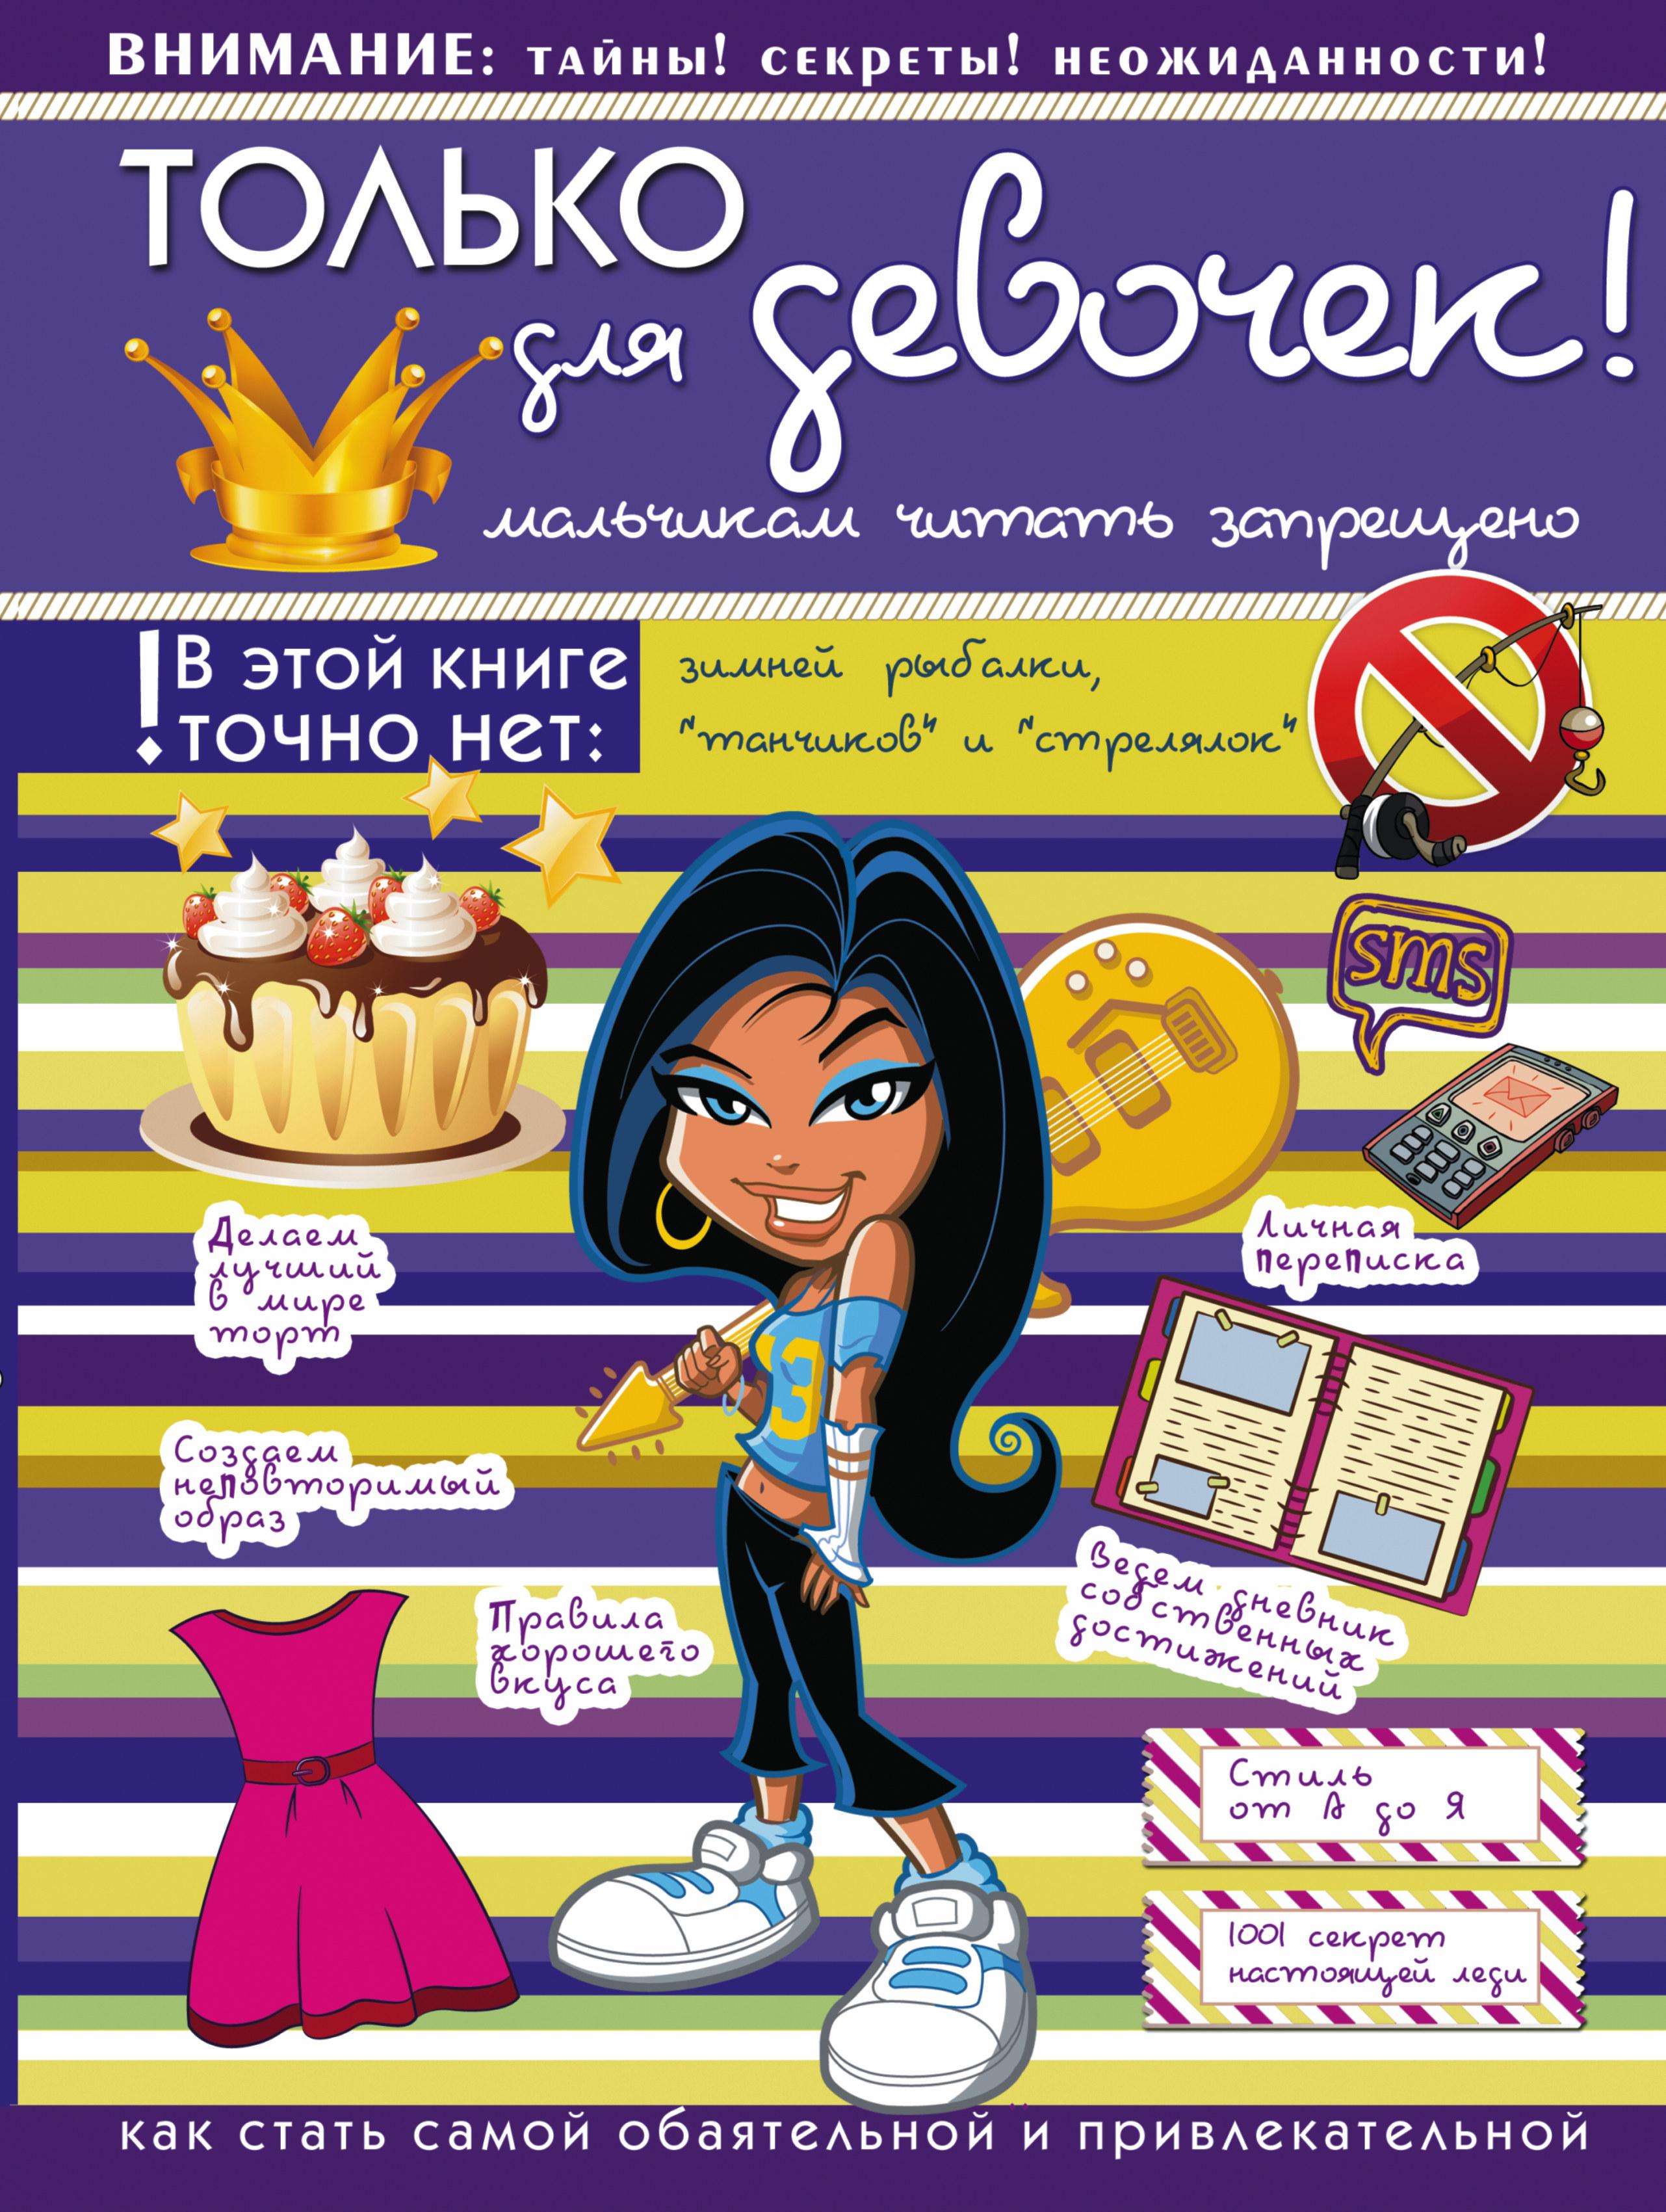 Только для девочек, мальчикам читать запрещено